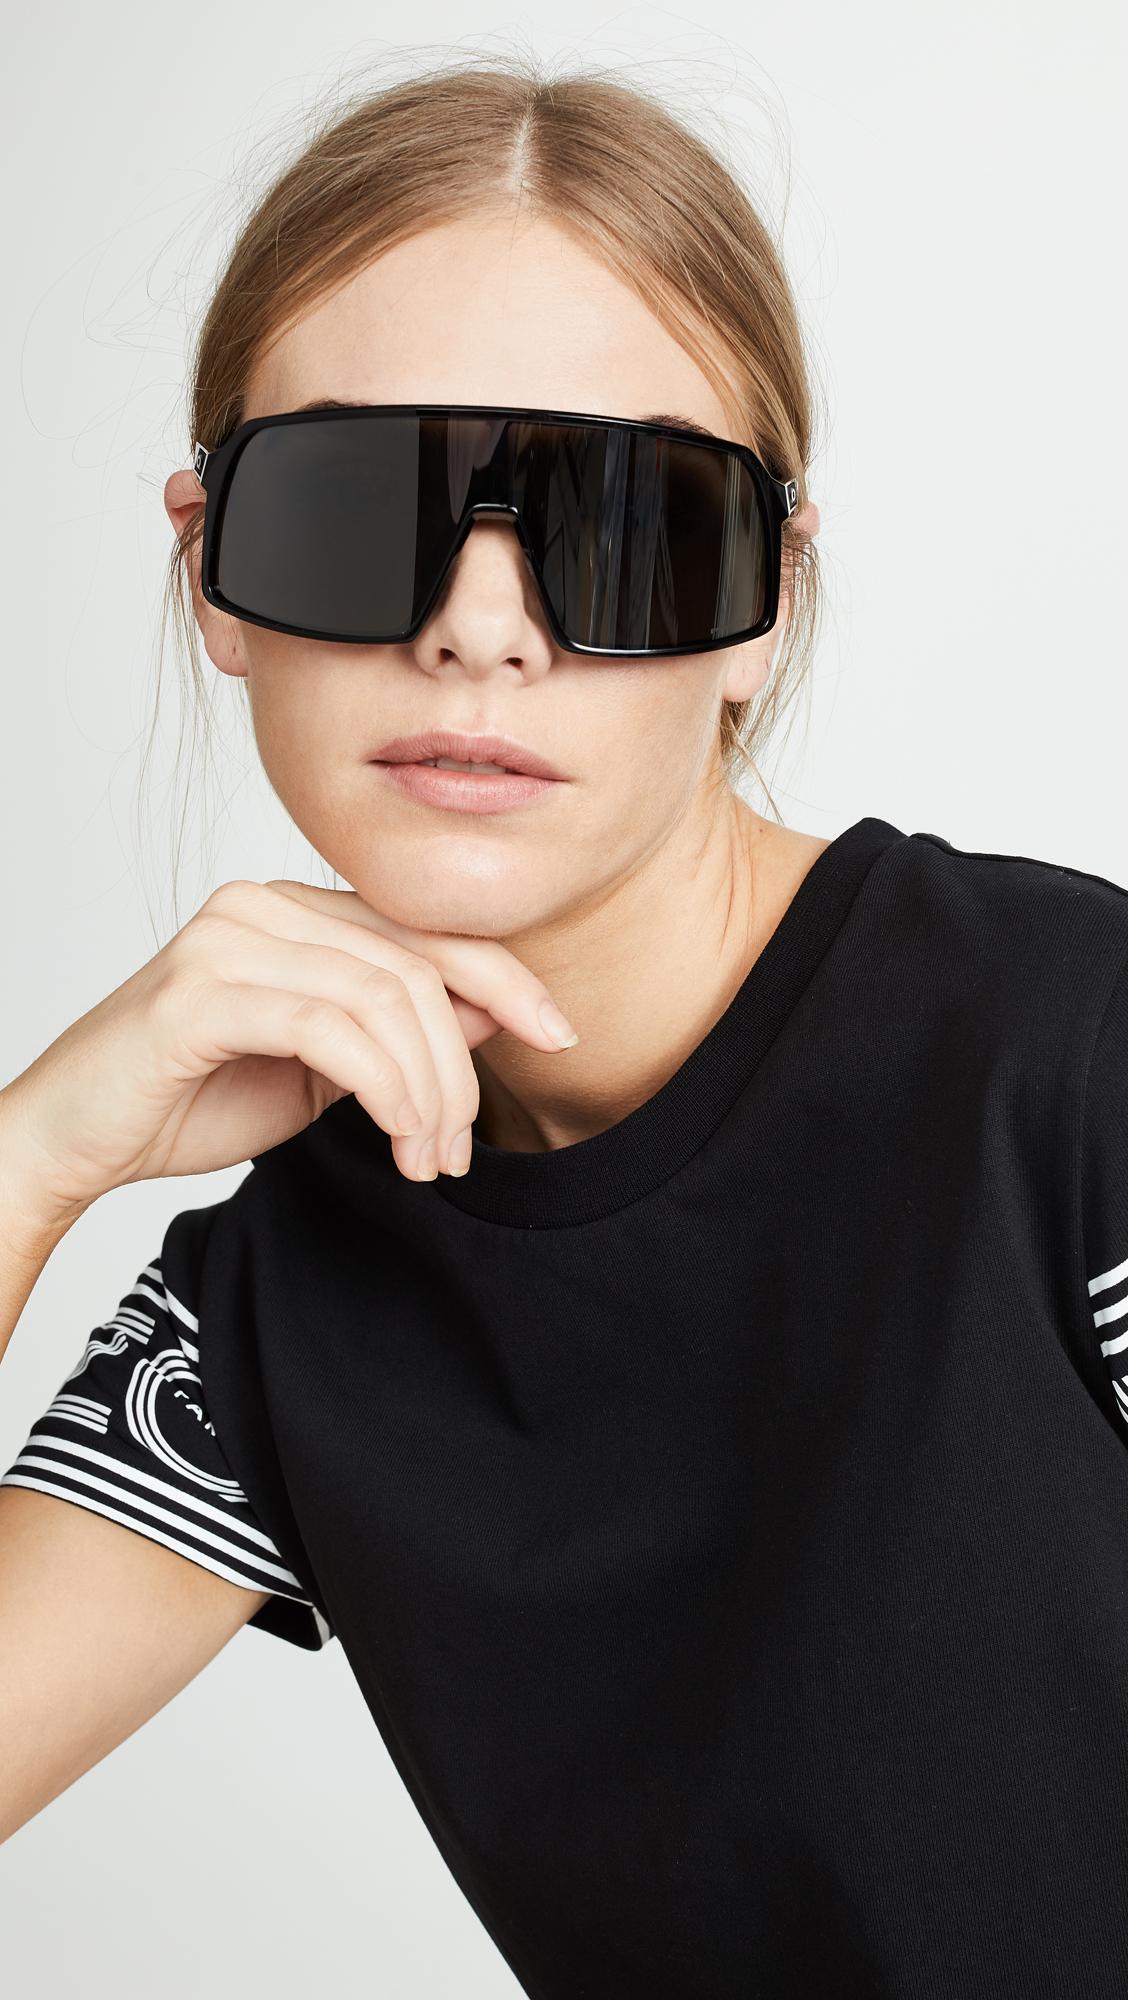 garanzia di alta qualità comprare on line pacchetto alla moda e attraente Oakley Sutro Sunglasses   SHOPBOP